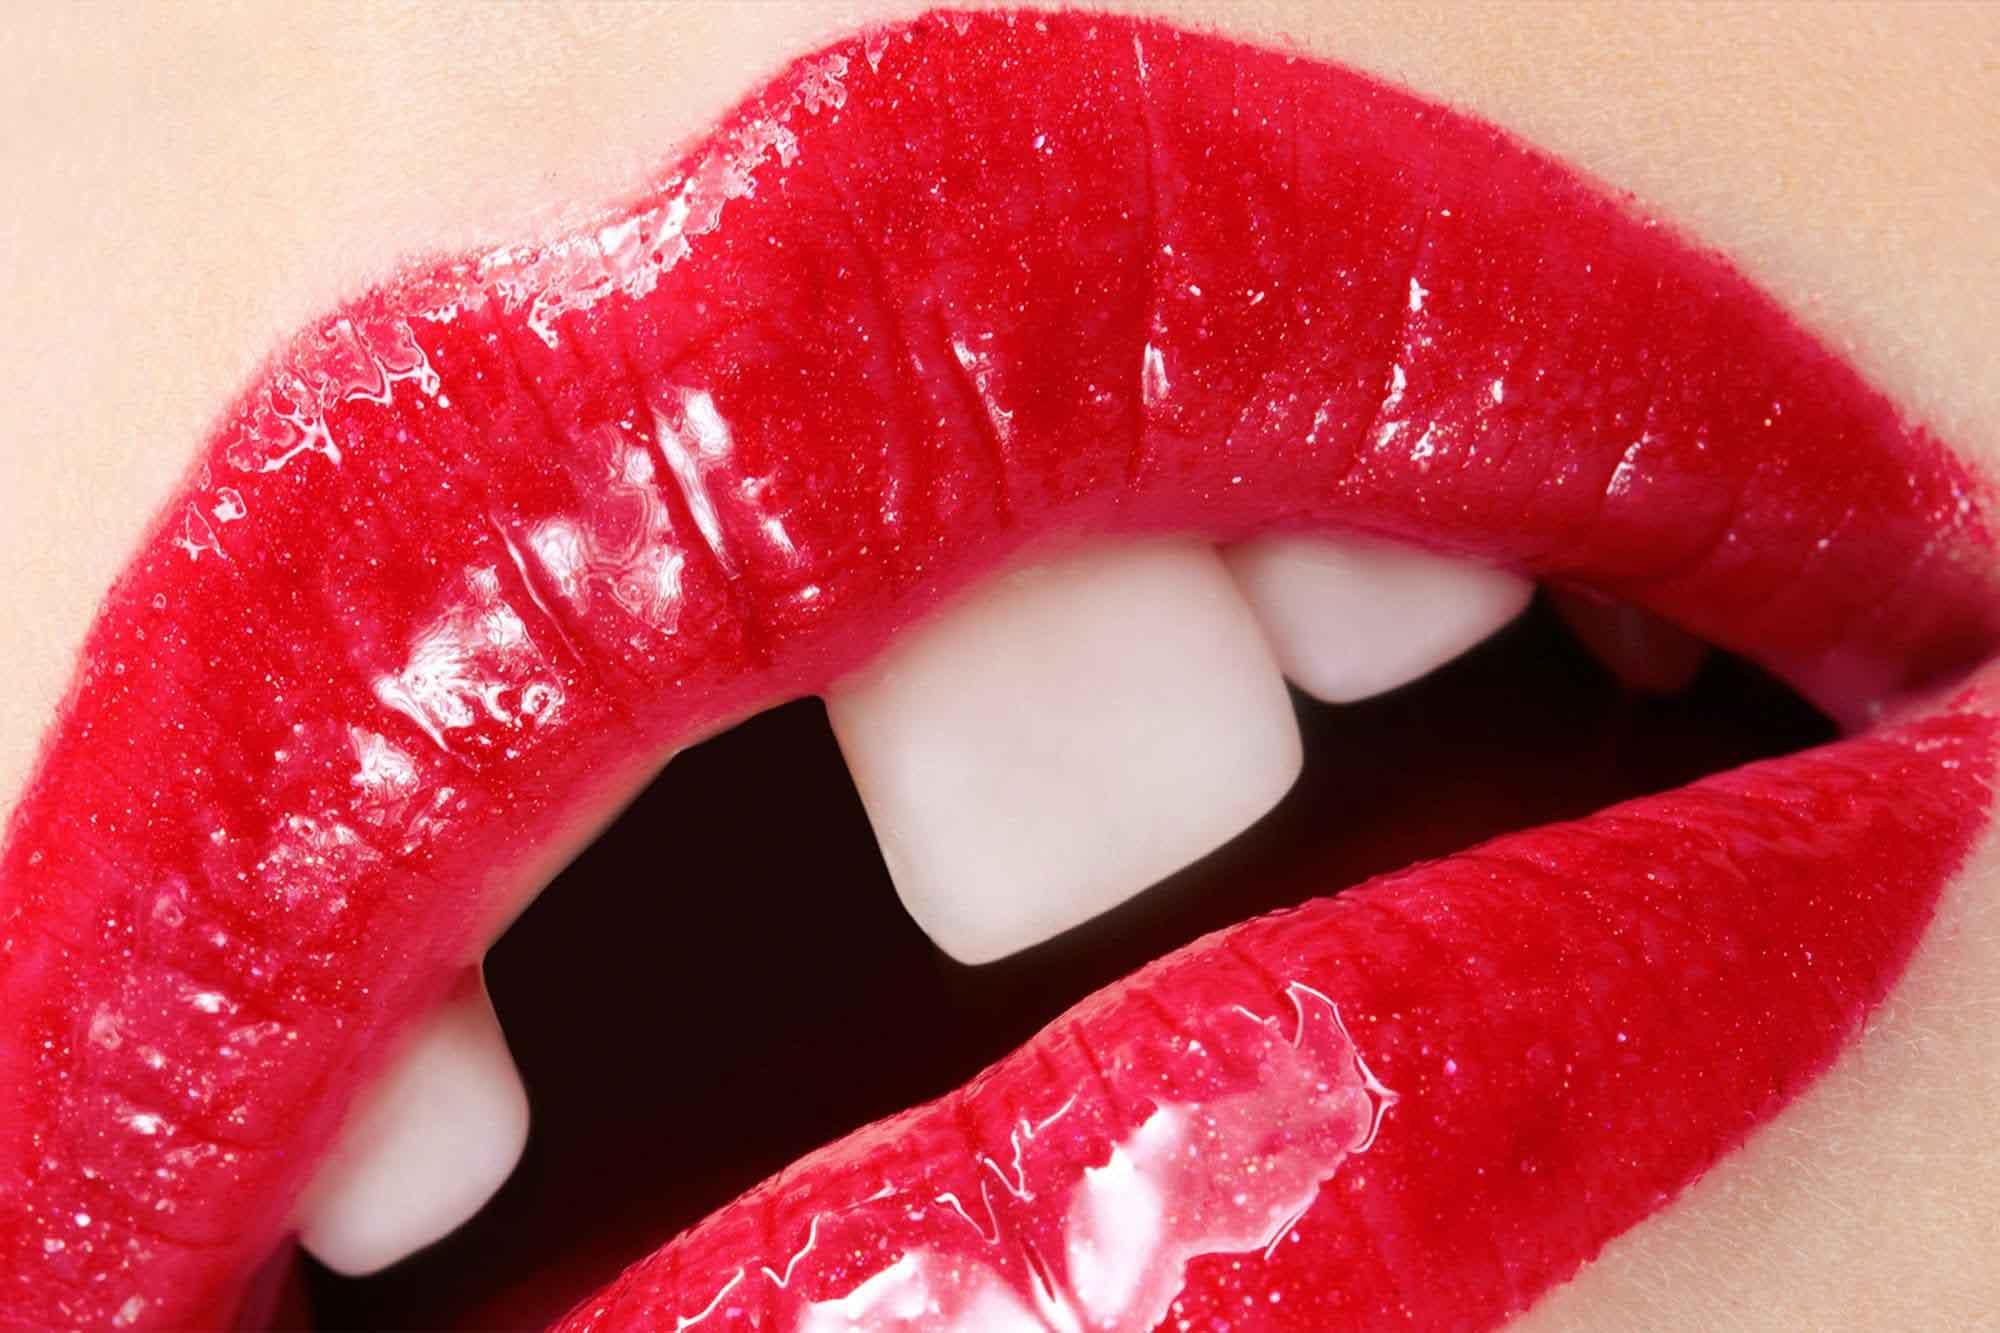 Rimettere i denti subito Blog Dott.ssa Sonia La Volpe Roma Candia